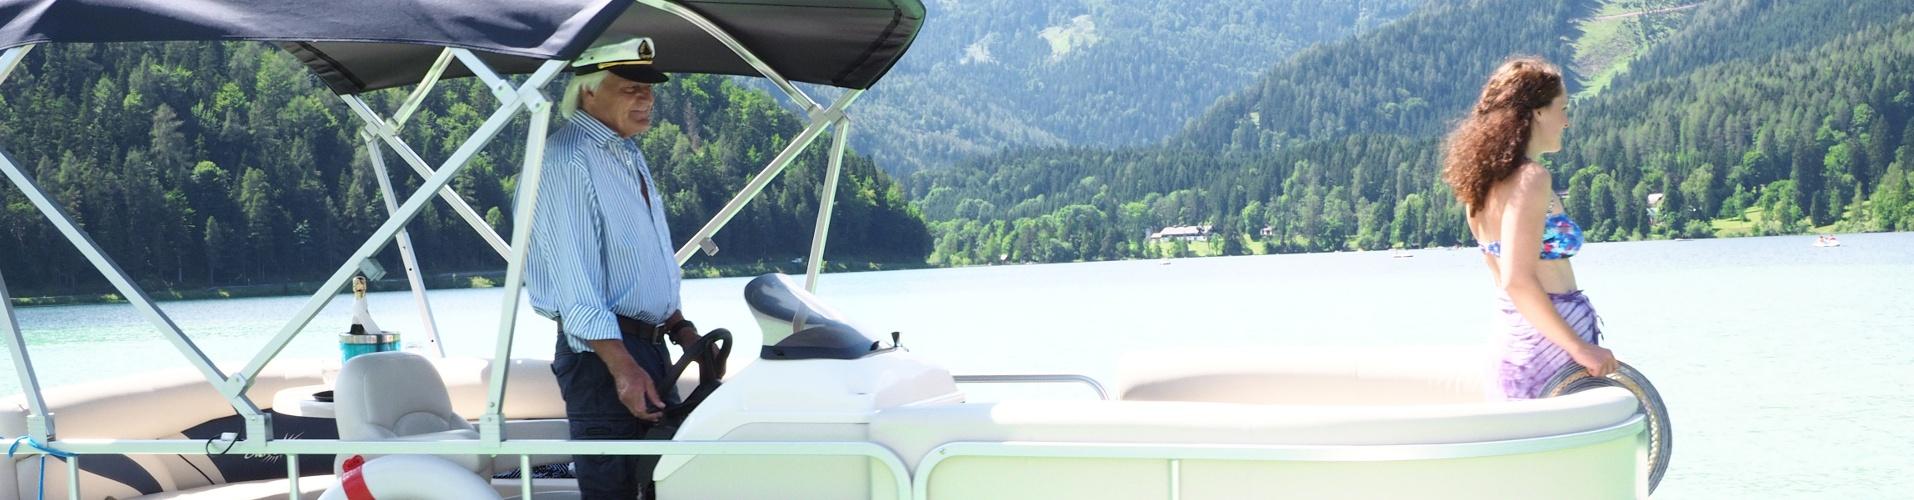 Erlaufsee Partyboot